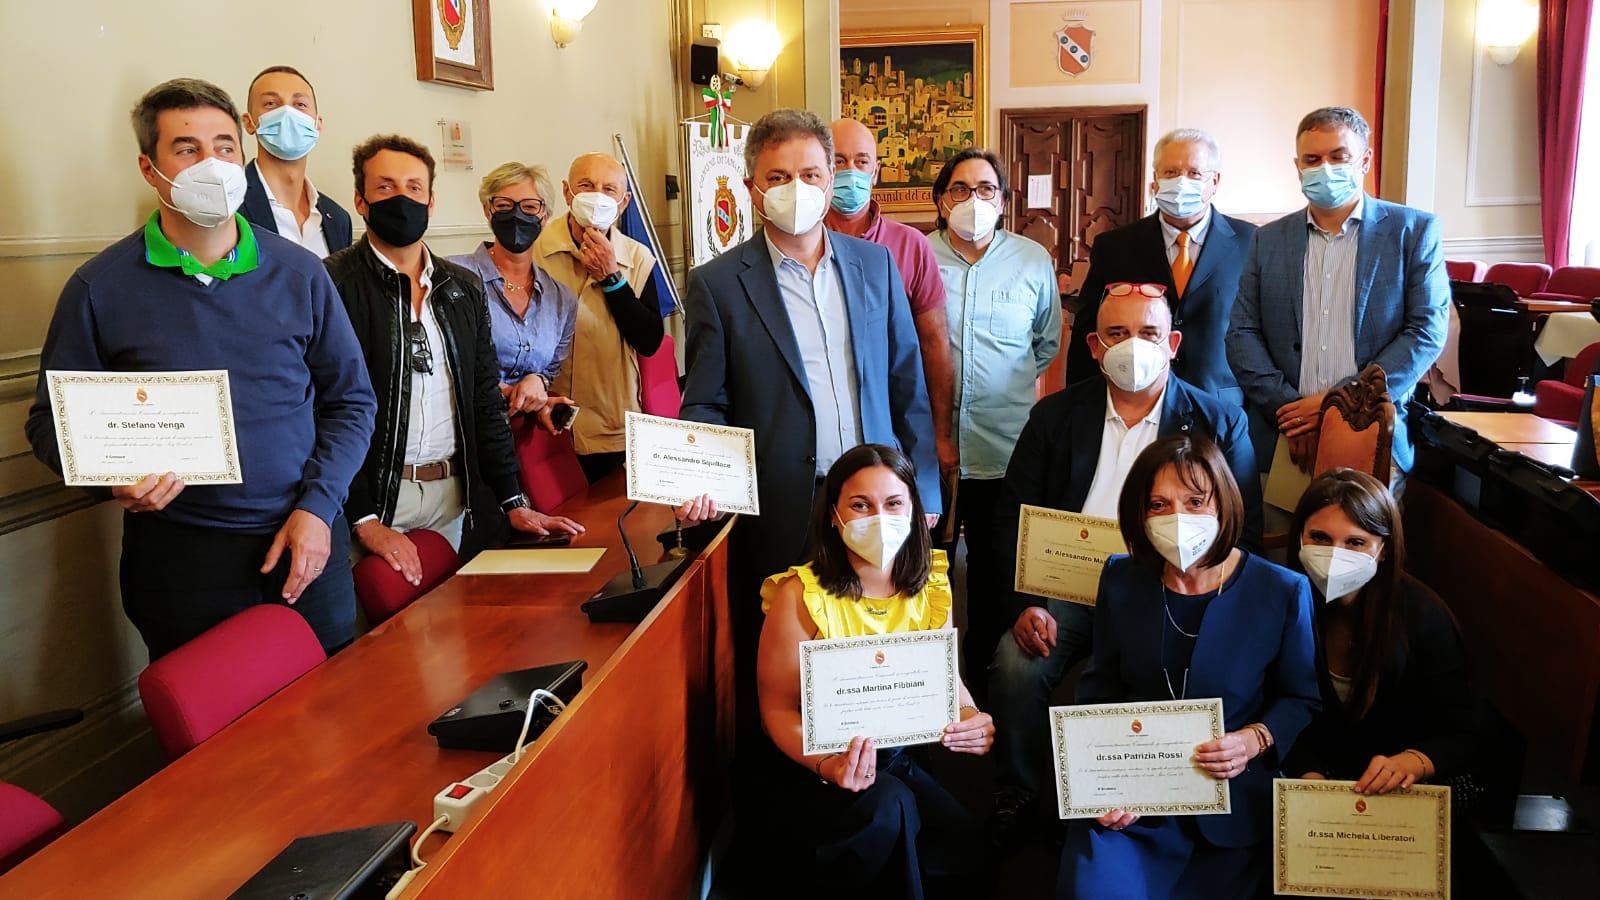 Omaggio ai medici di famiglia impegnati contro il Covid-19